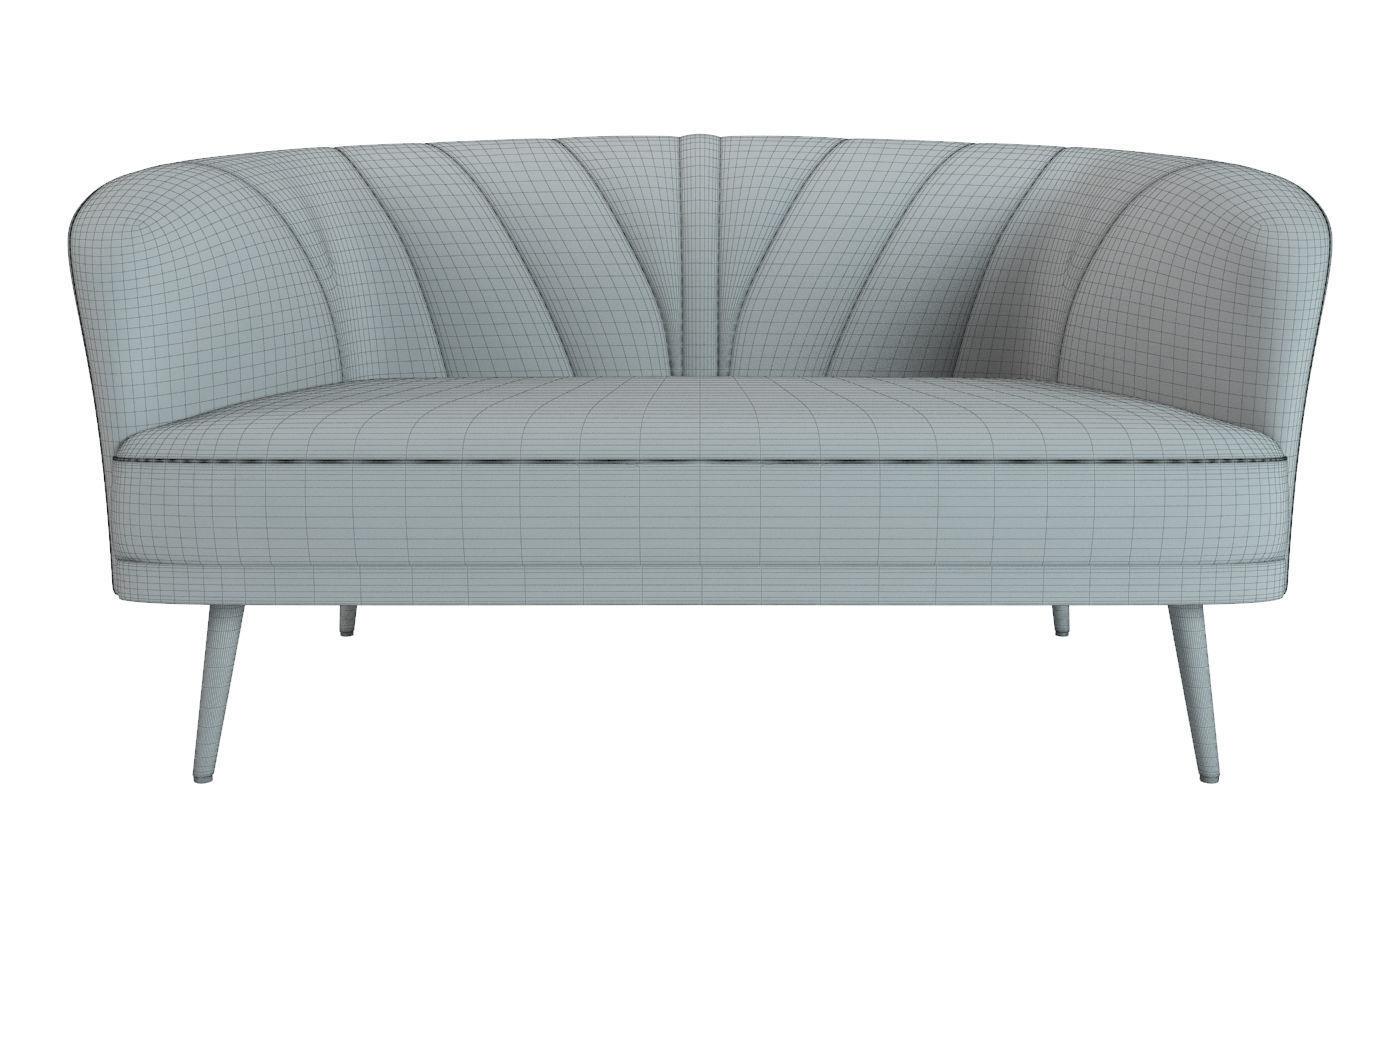 ... Sofa Banquette Laredoute 3d Model Max Obj Mtl Fbx 3 ...